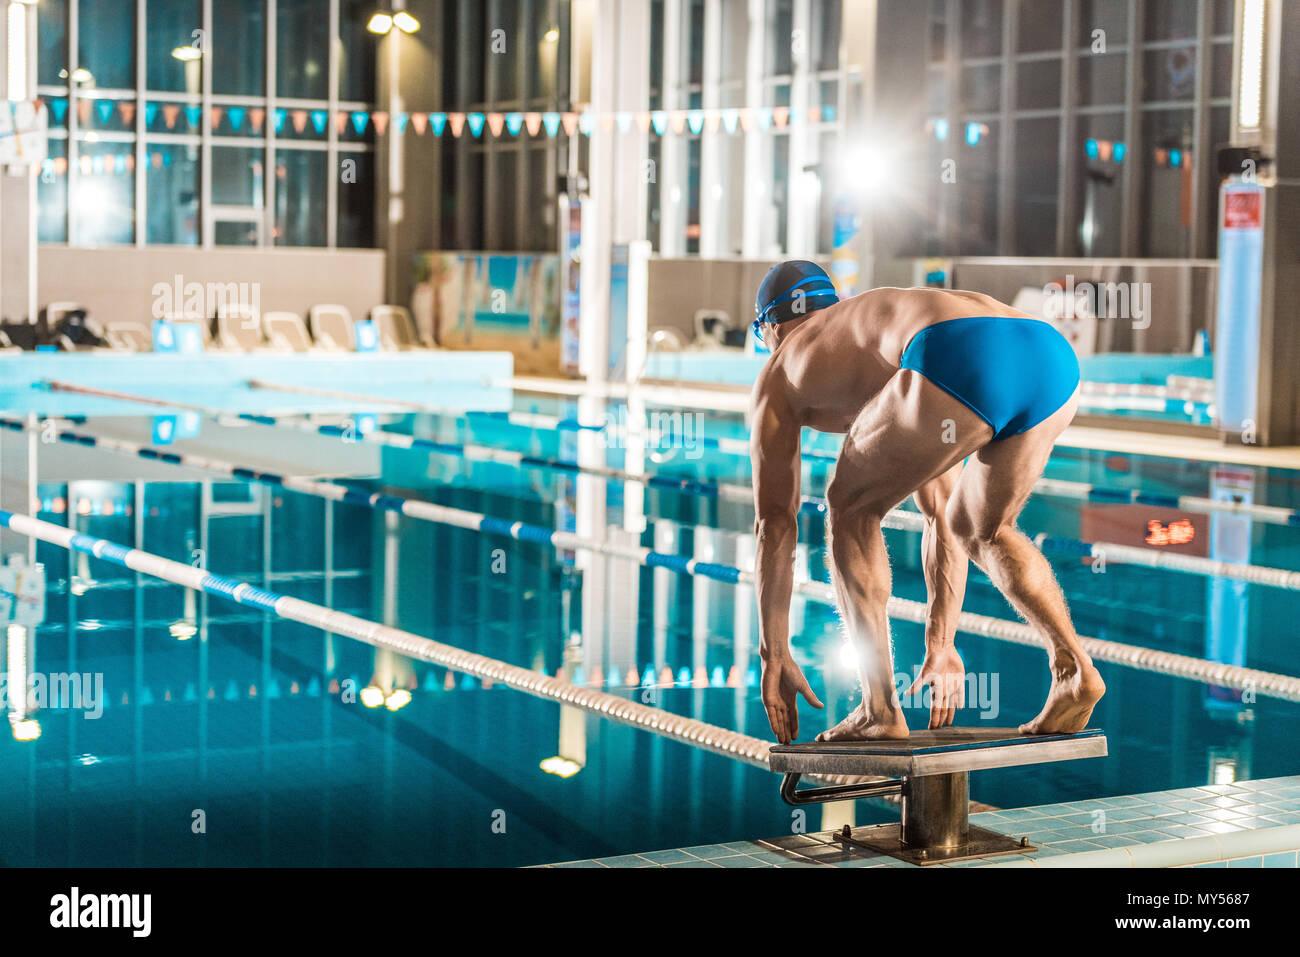 Schwimmer stehen auf Sprungbrett in den Wettbewerb Pool zu springen Stockbild